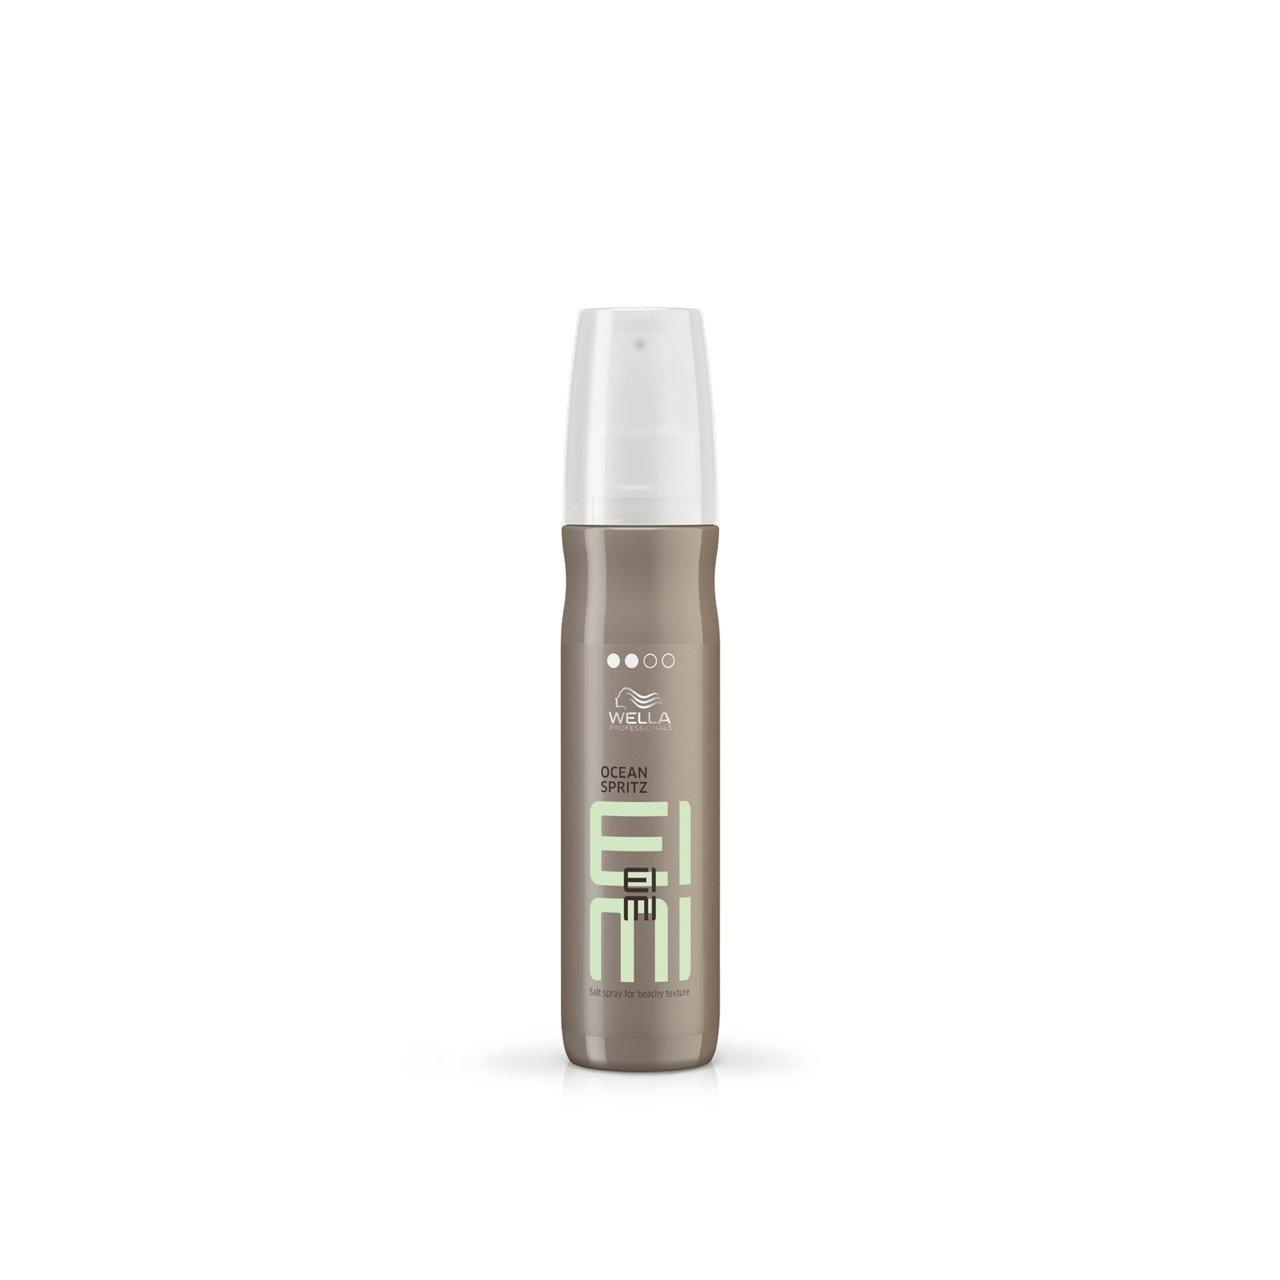 Wella Eimi Ocean Spritz Texture Spray 150ml